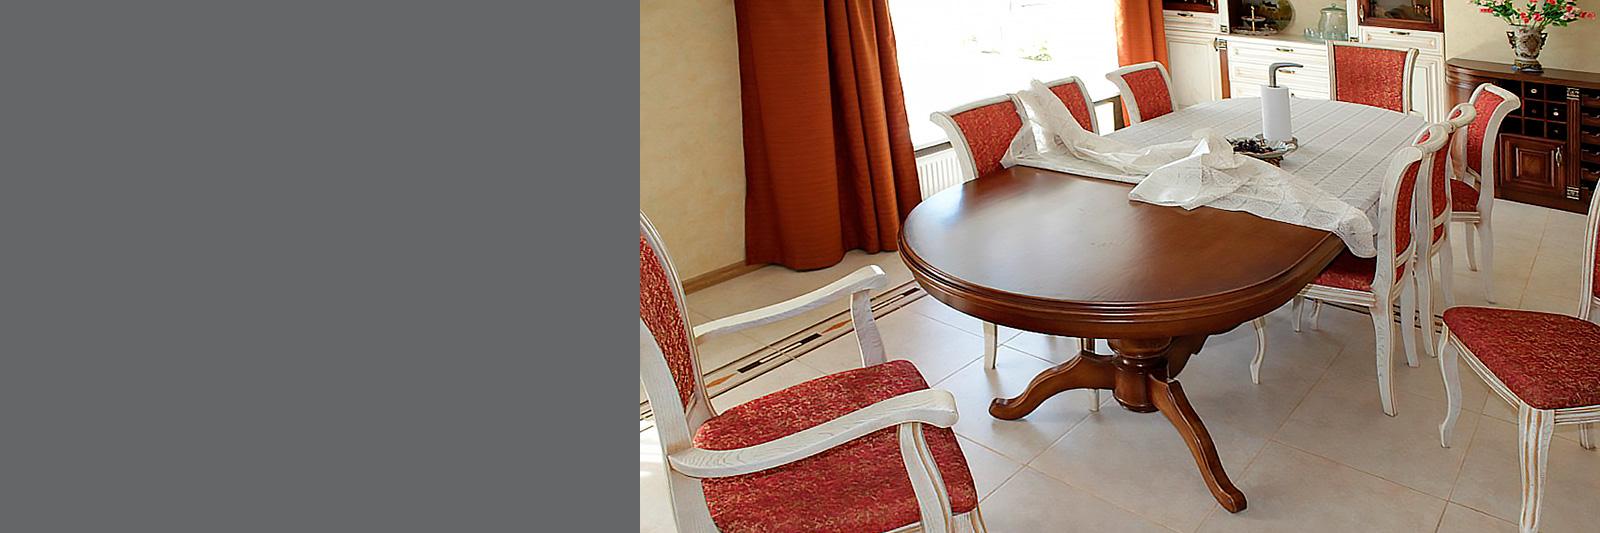 Обеденный стол по индивидуальному заказу из массива со стульями